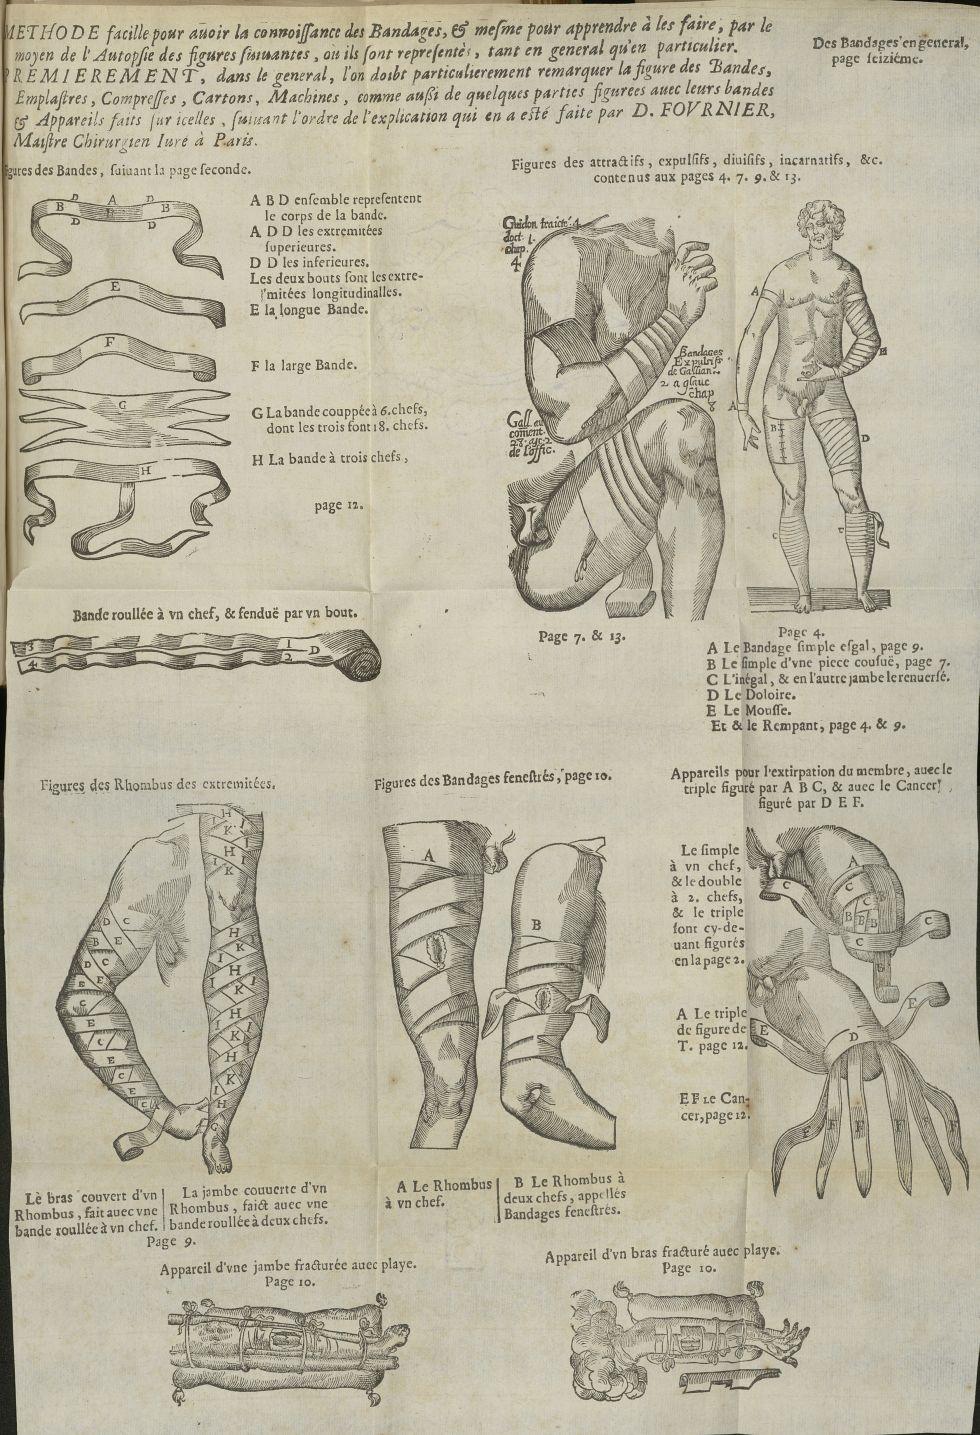 Figures des bandes / Figures des rhombus des extremitées / Figures des attractifs, expulsifs, diuisi [...] - Matériels. Pansements. 17e siècle - med5207Ax0752